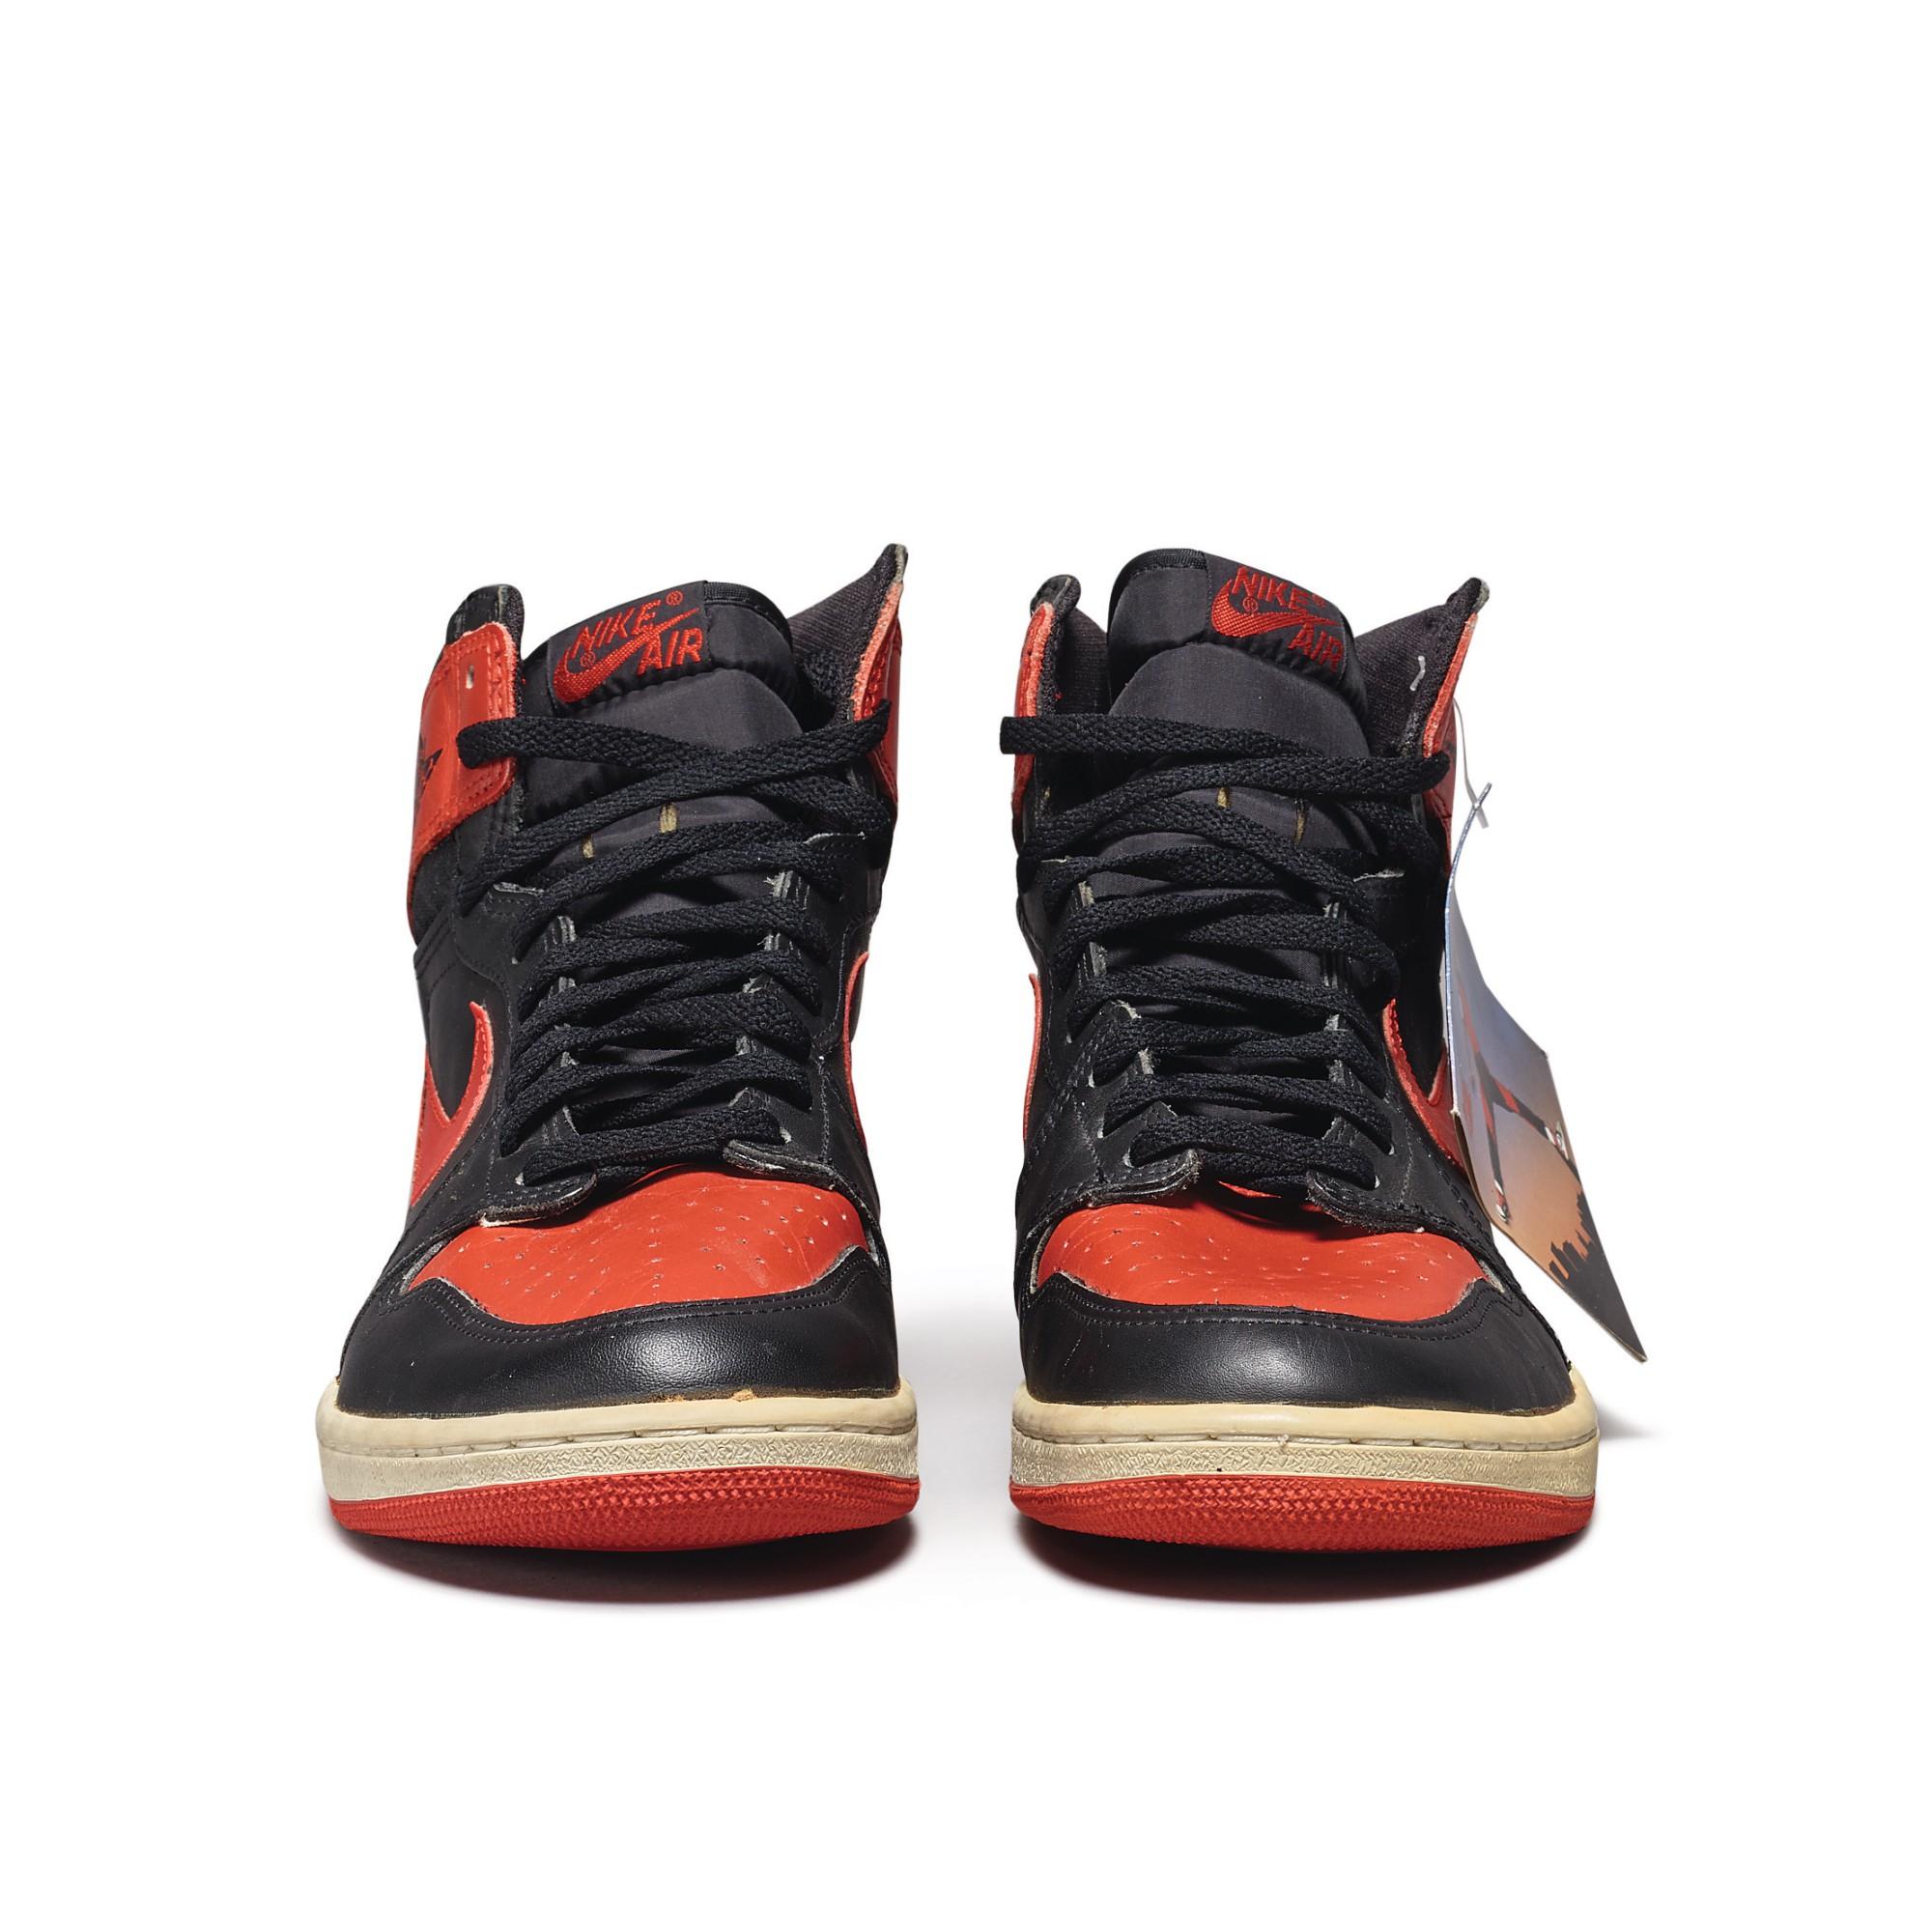 Peter Moore   'Bred' Nike Air Jordan 1